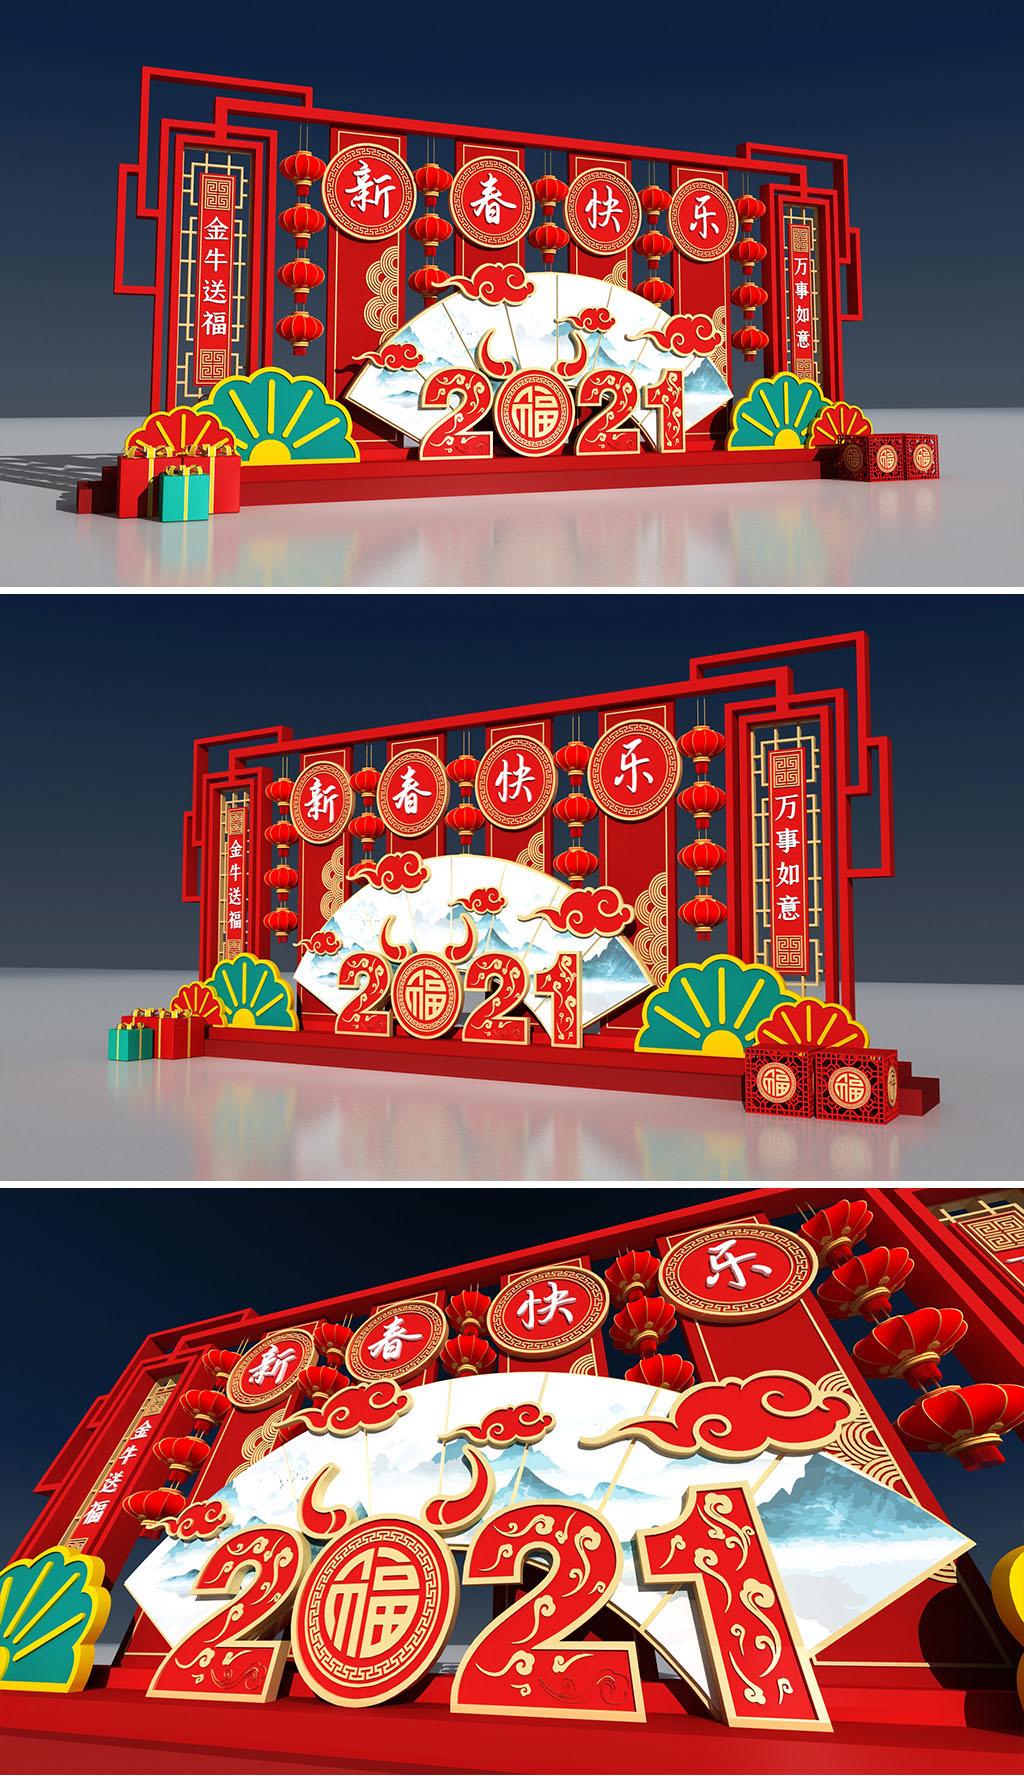 新年活动背景墙美陈源文件插图